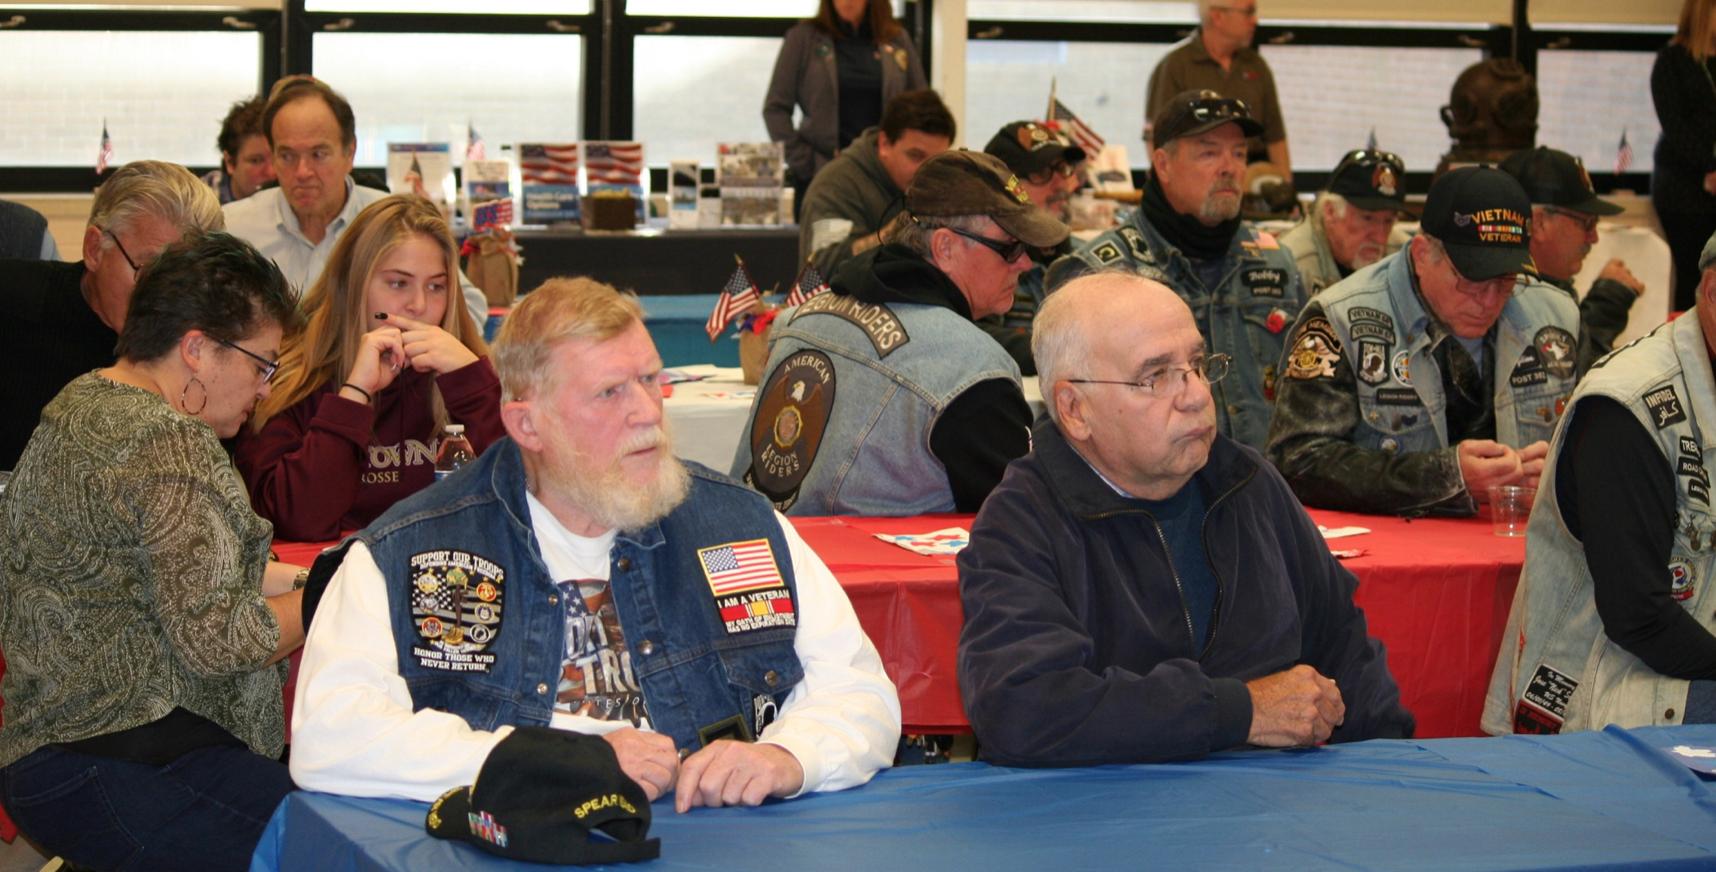 Veterans gather for breakfast